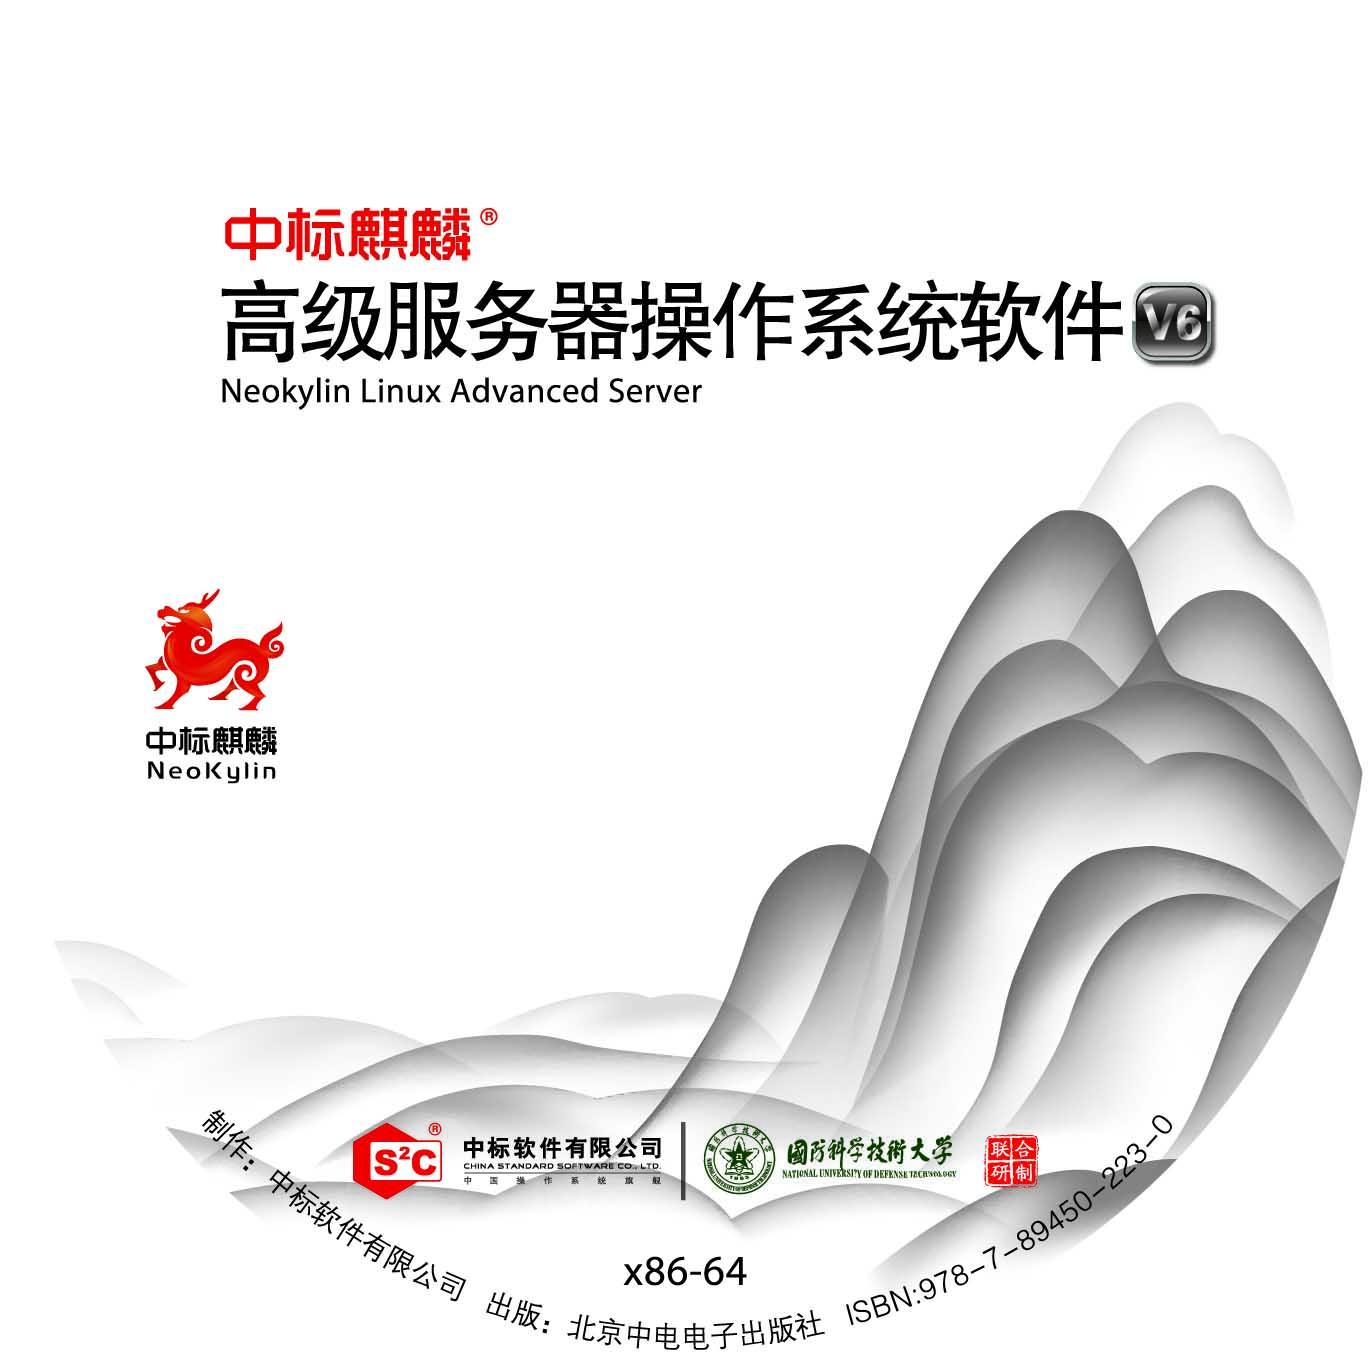 中标麒麟高级服务器操作系统